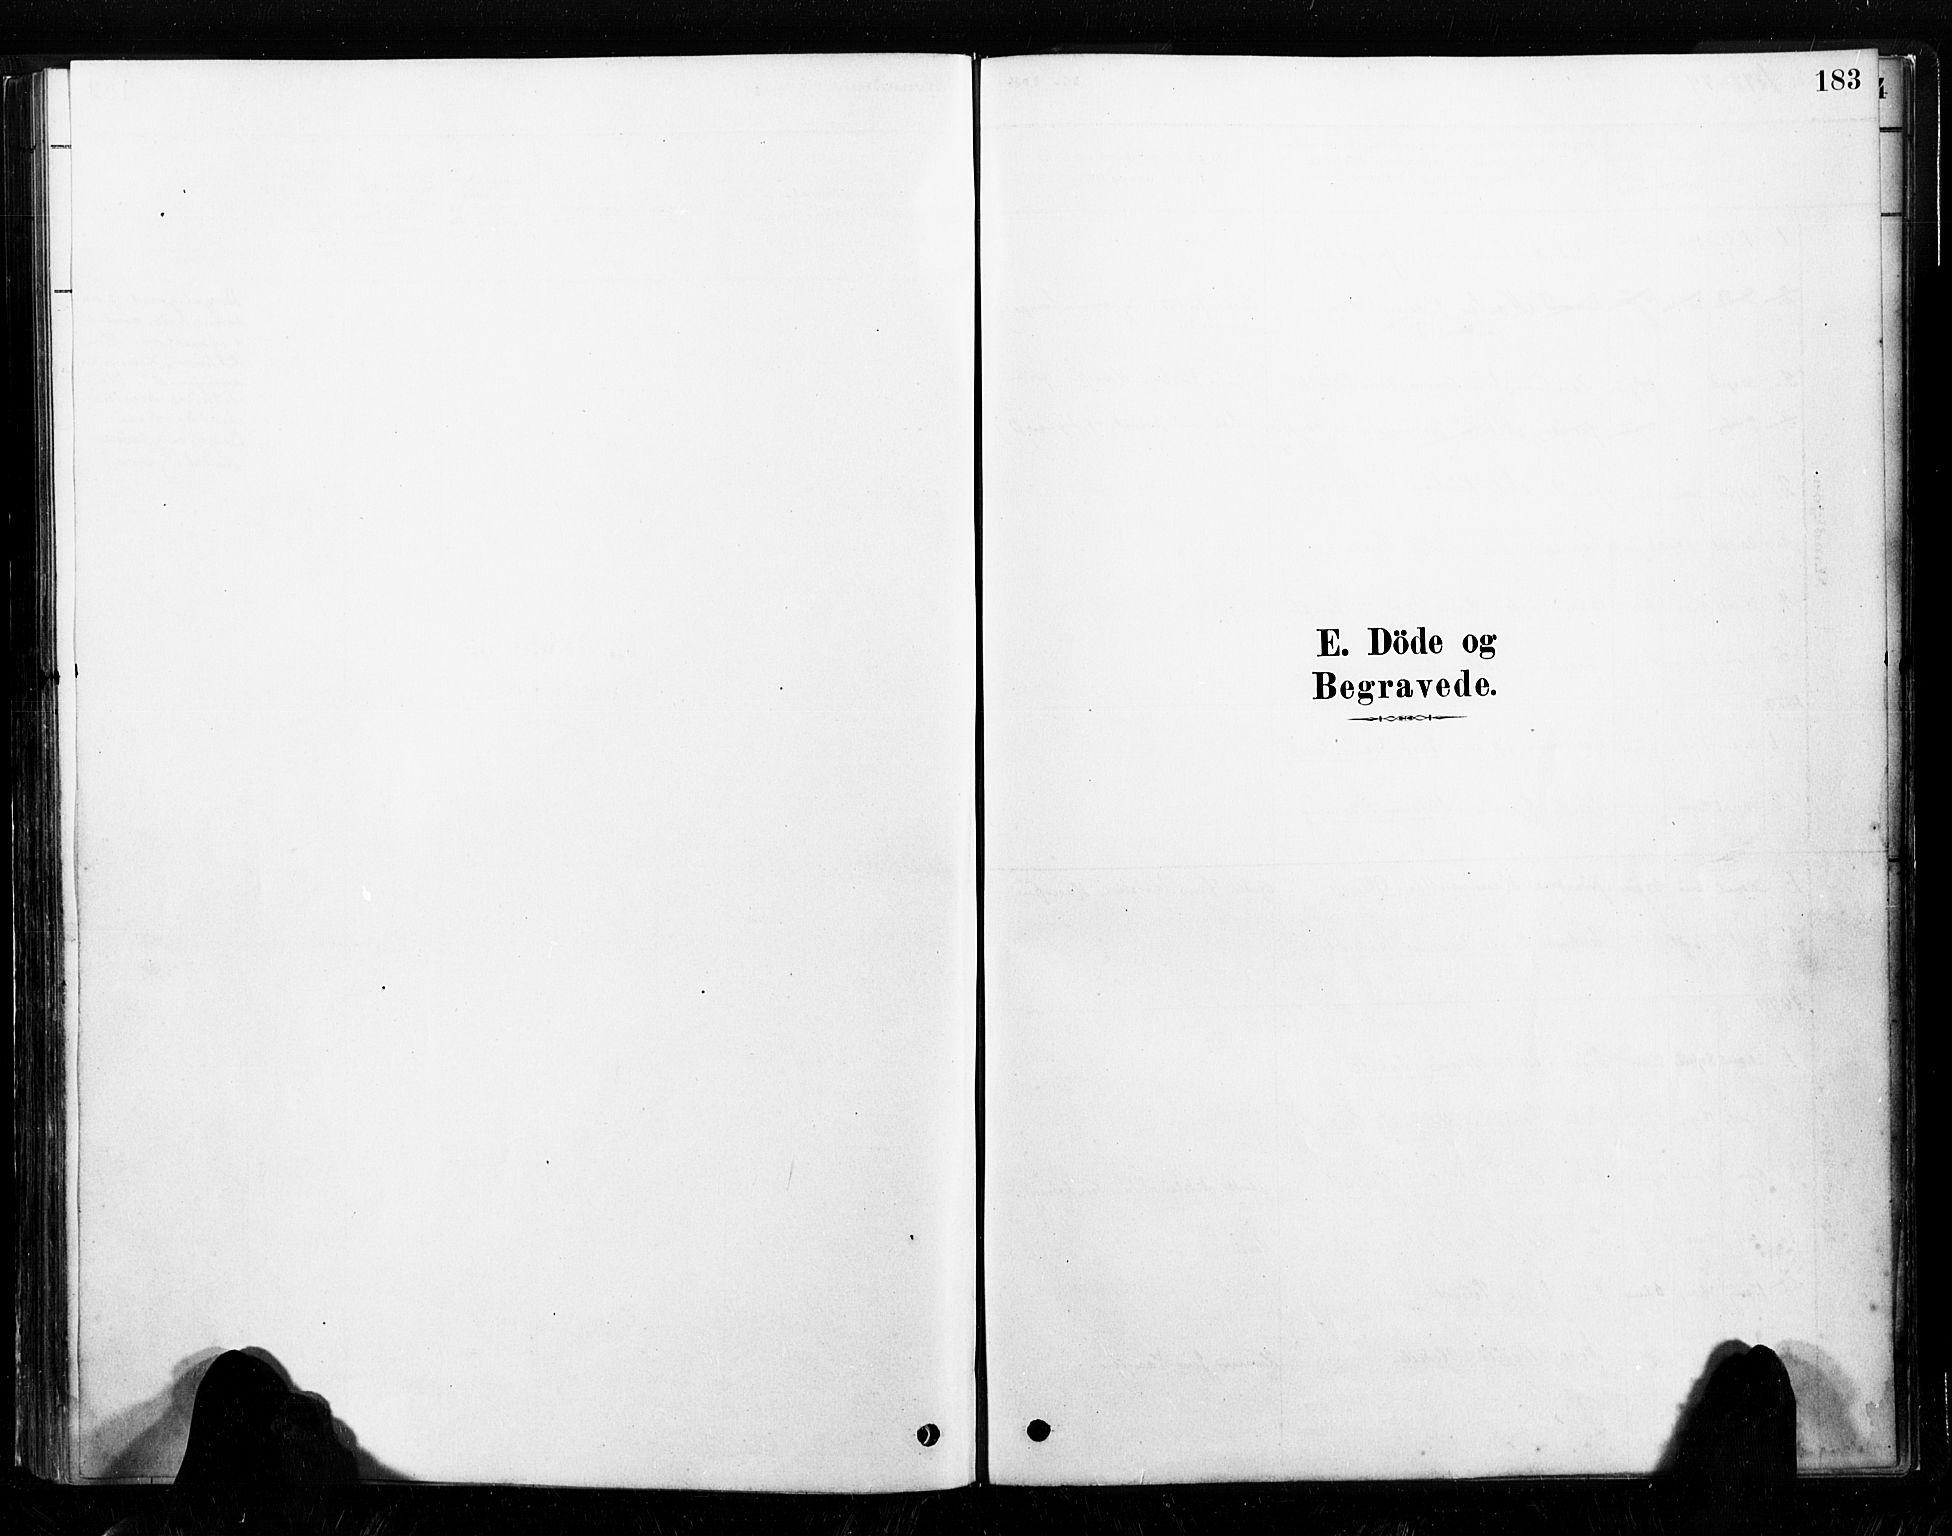 SAT, Ministerialprotokoller, klokkerbøker og fødselsregistre - Nord-Trøndelag, 789/L0705: Ministerialbok nr. 789A01, 1878-1910, s. 183